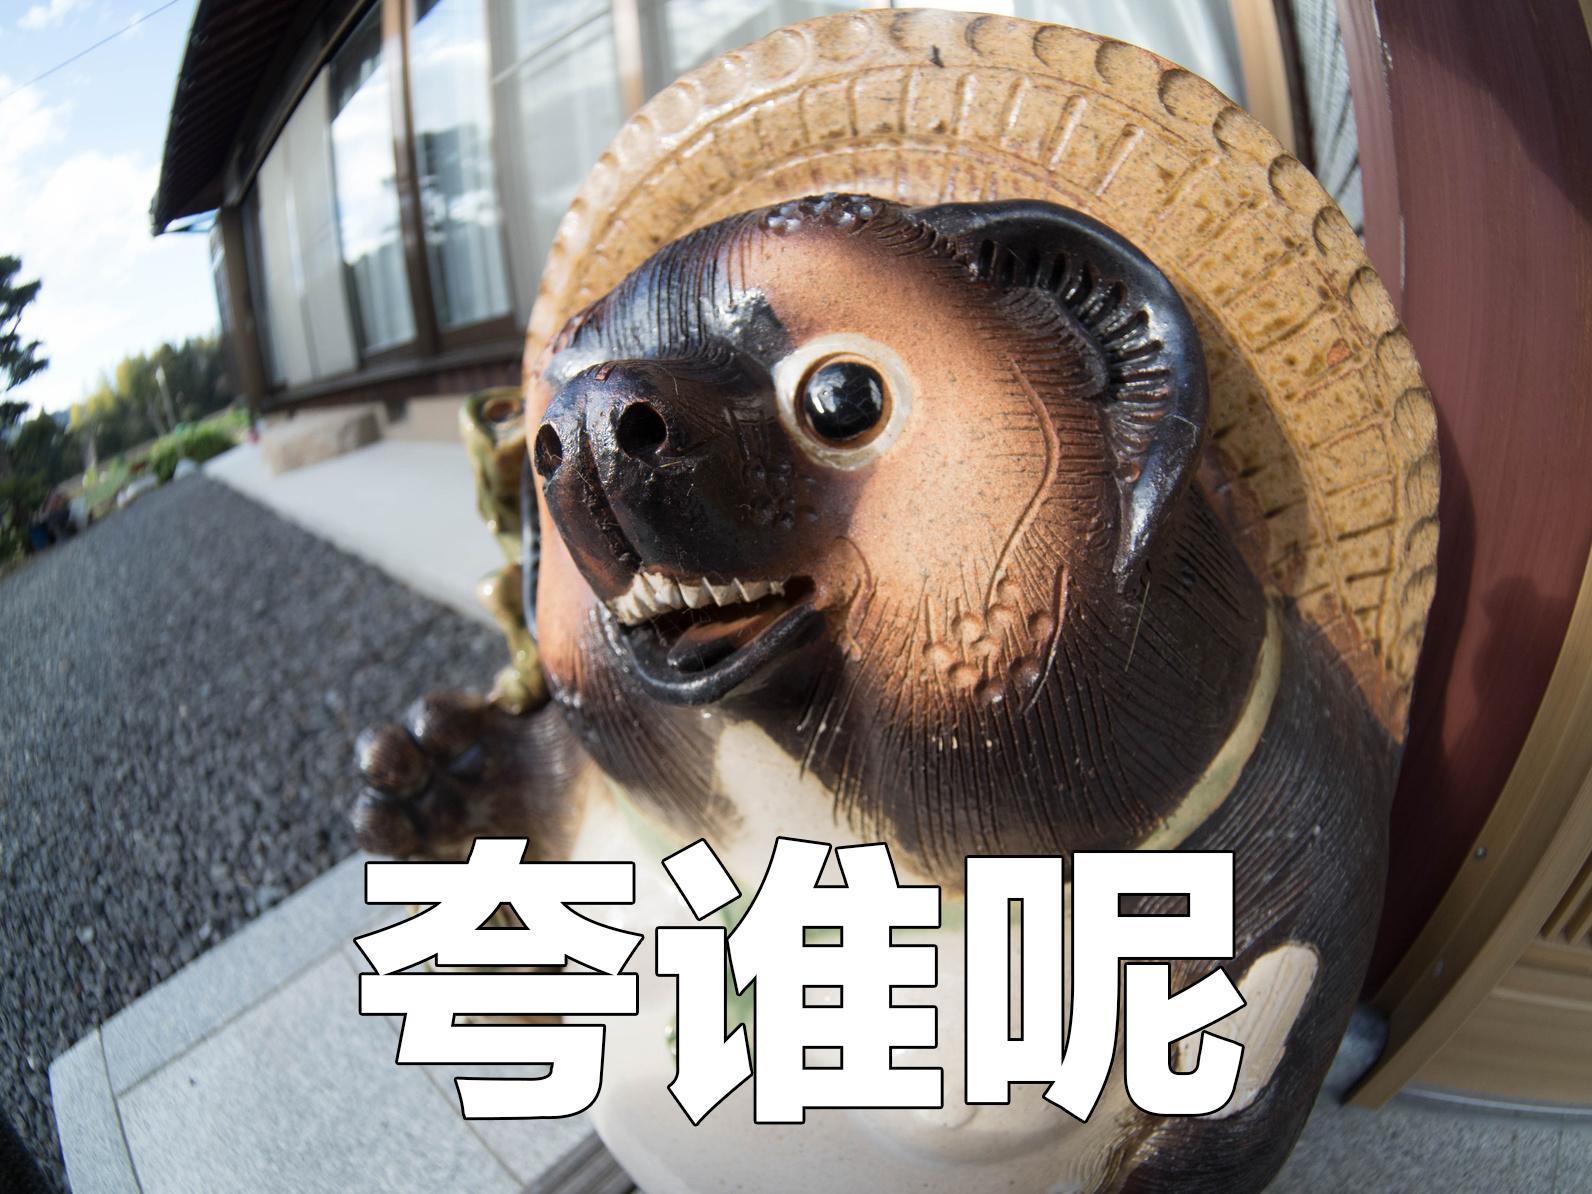 日本餐厅门口这个戴草帽的胖子到底是干嘛的?